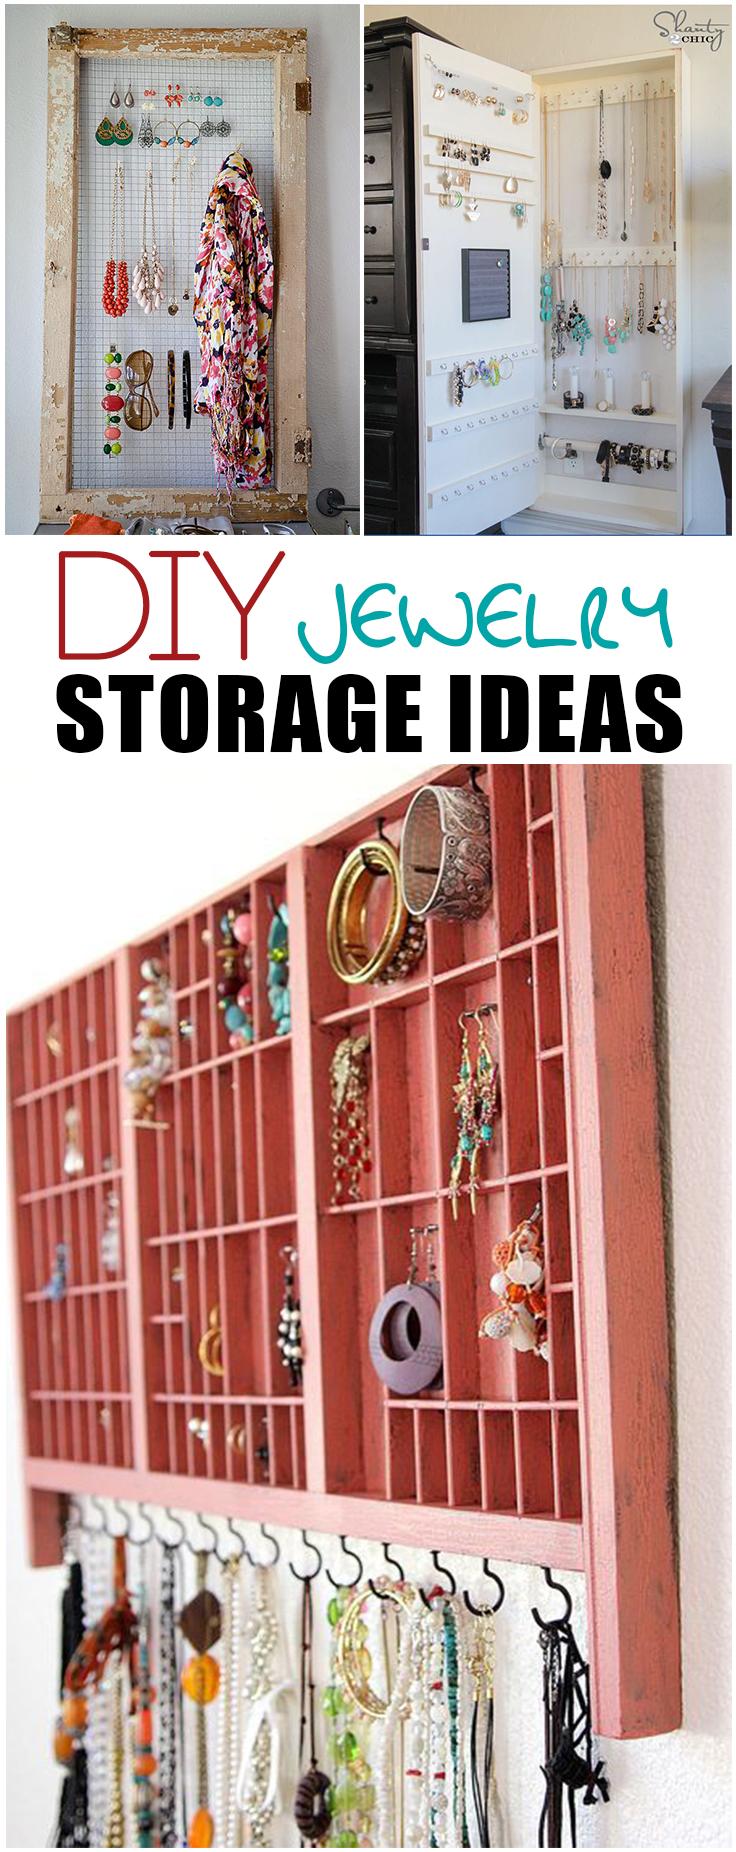 Jewelry Organization Ideas Picky Stitch